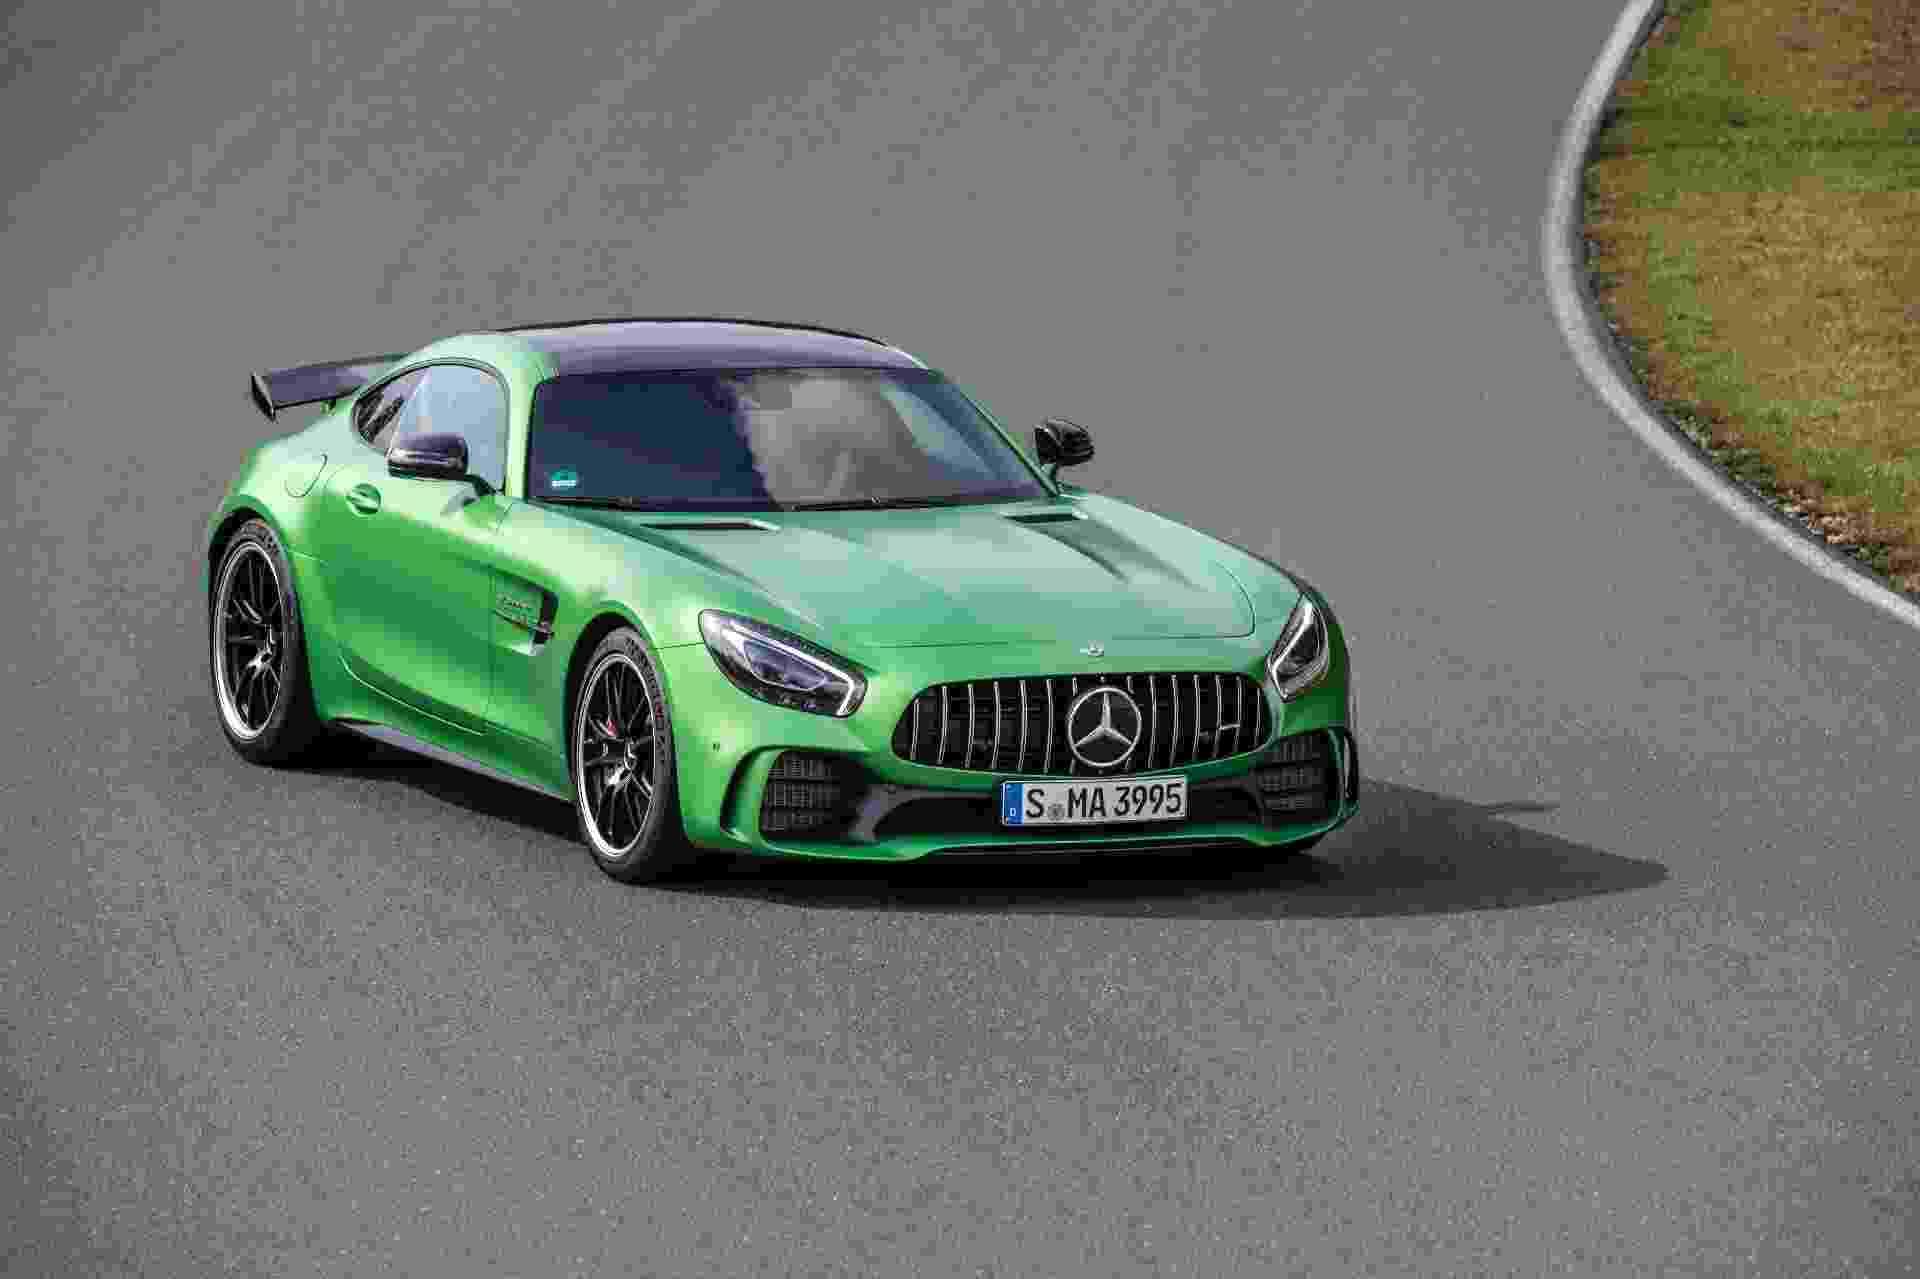 Mercedes-AMG GT R - Divulgação